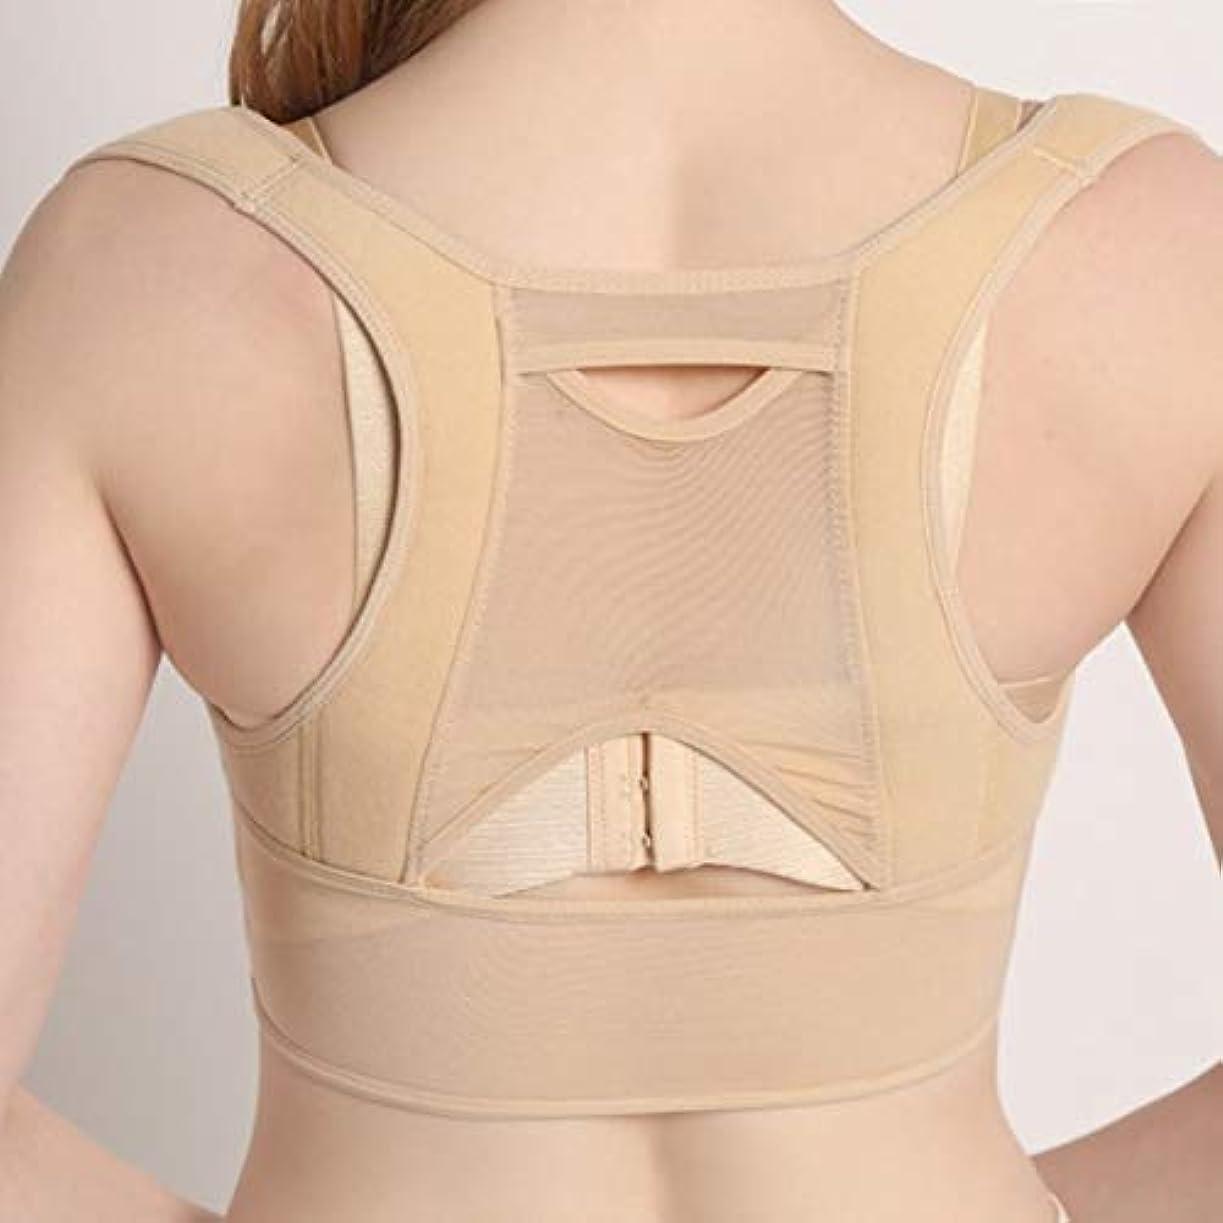 声を出してお気に入り武装解除通気性のある女性の背中の姿勢矯正コルセット整形外科の背中の肩の背骨の姿勢矯正腰椎サポート - ベージュホワイトL